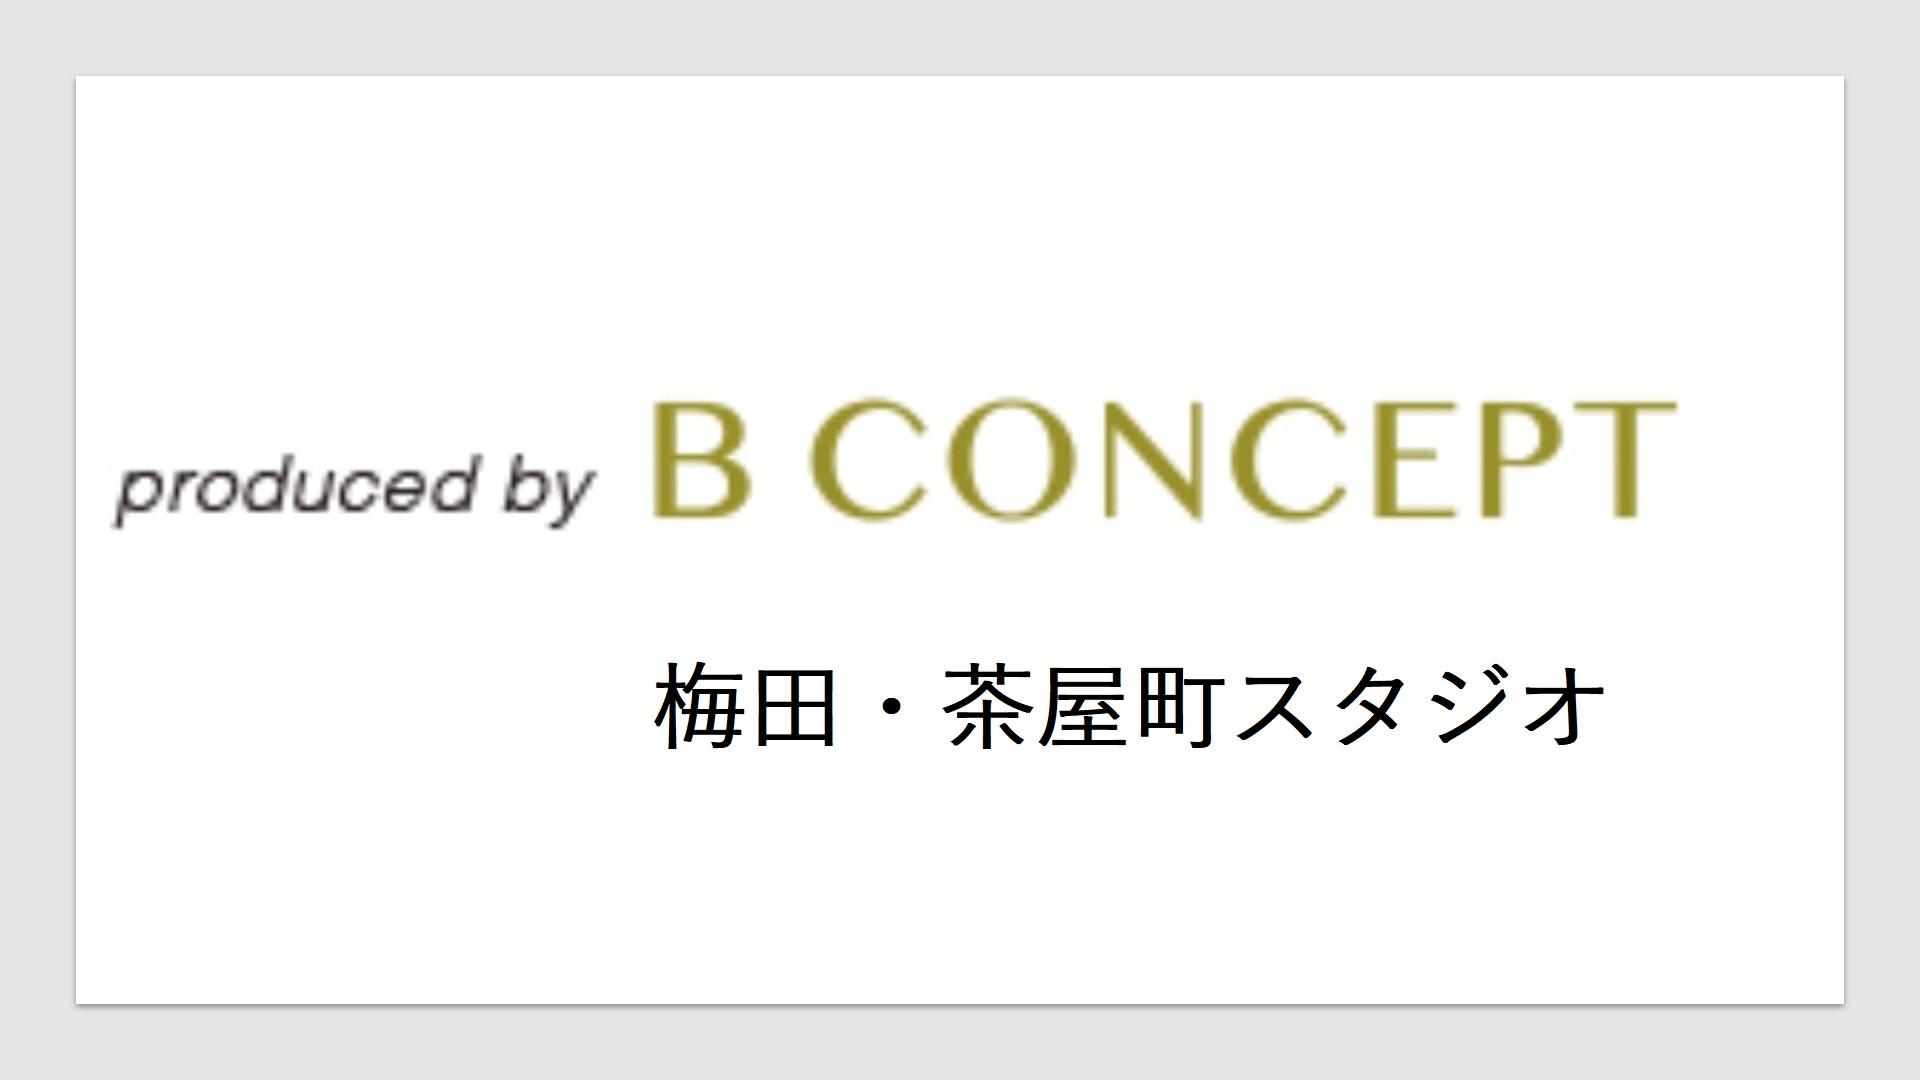 ビーコンセプト(梅田、茶屋町スタジオ)